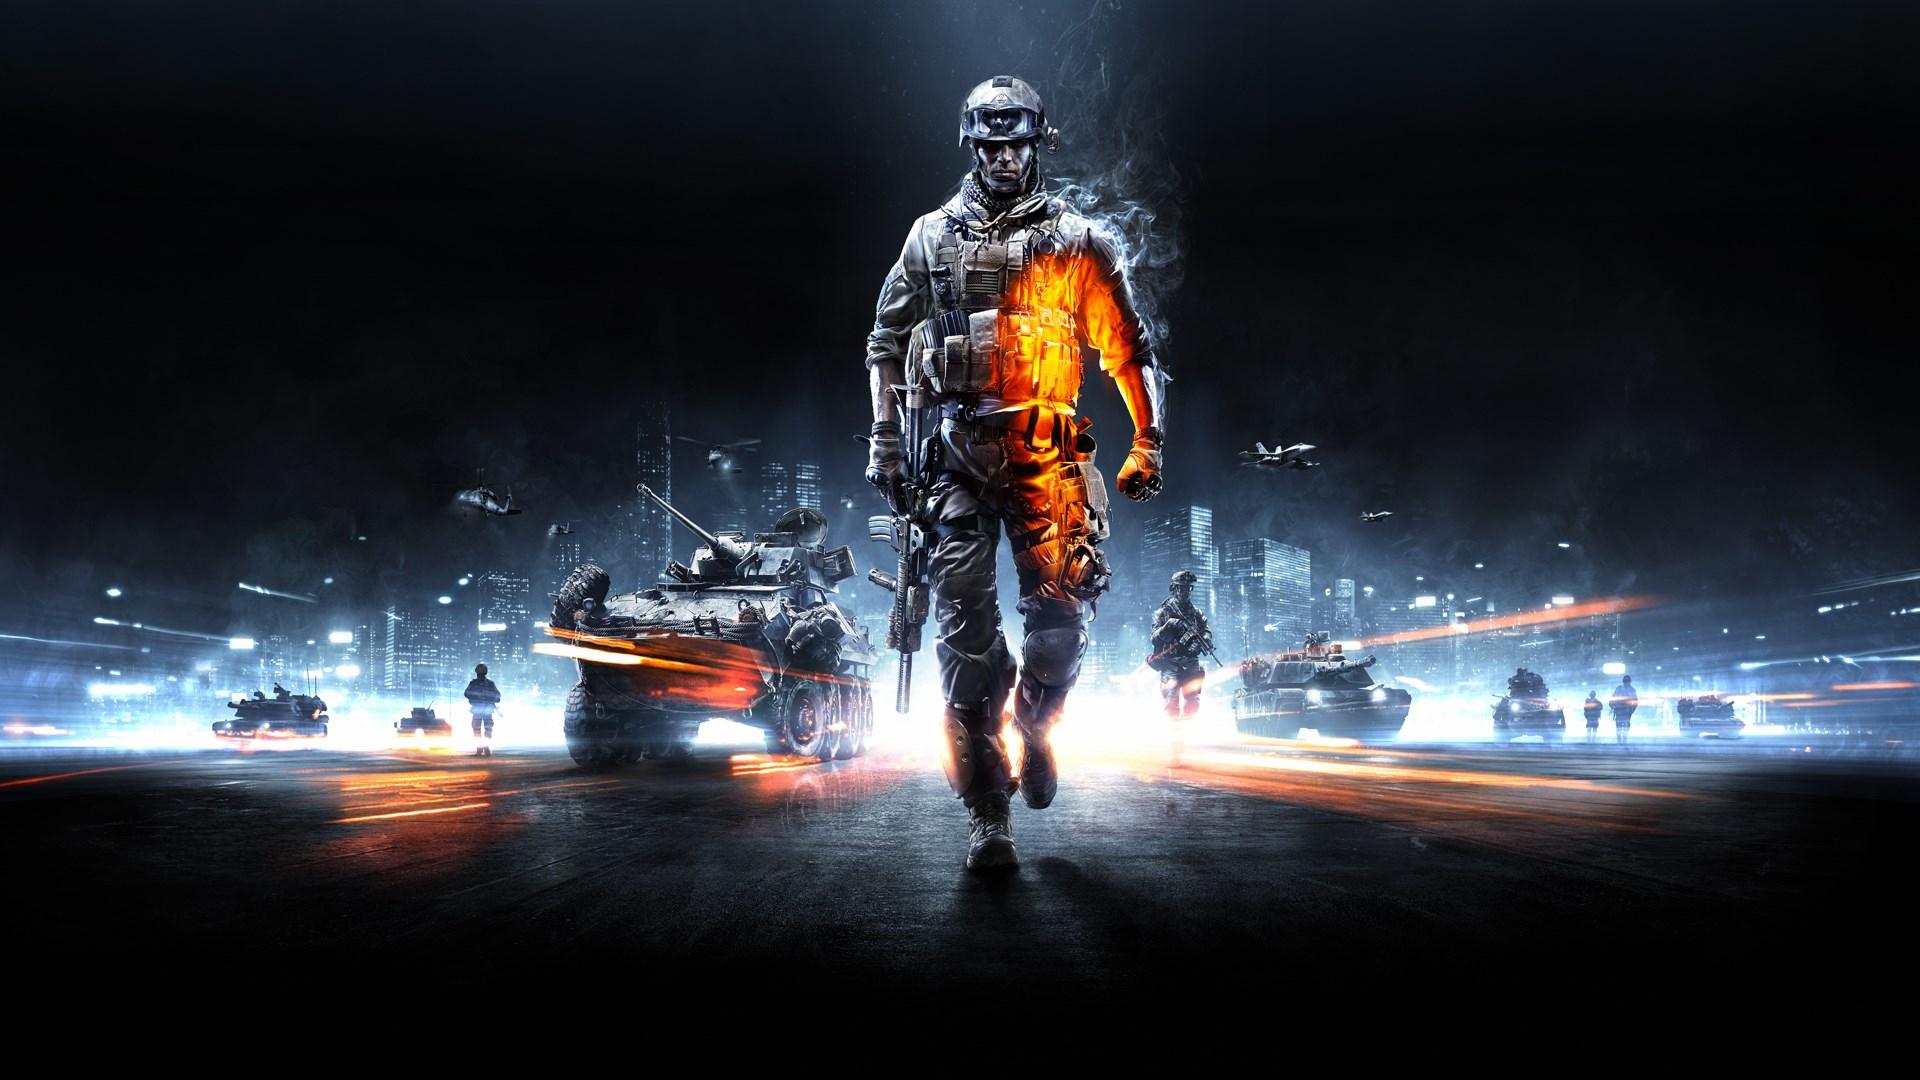 Battlefield 3™ Multiplayer Update 4